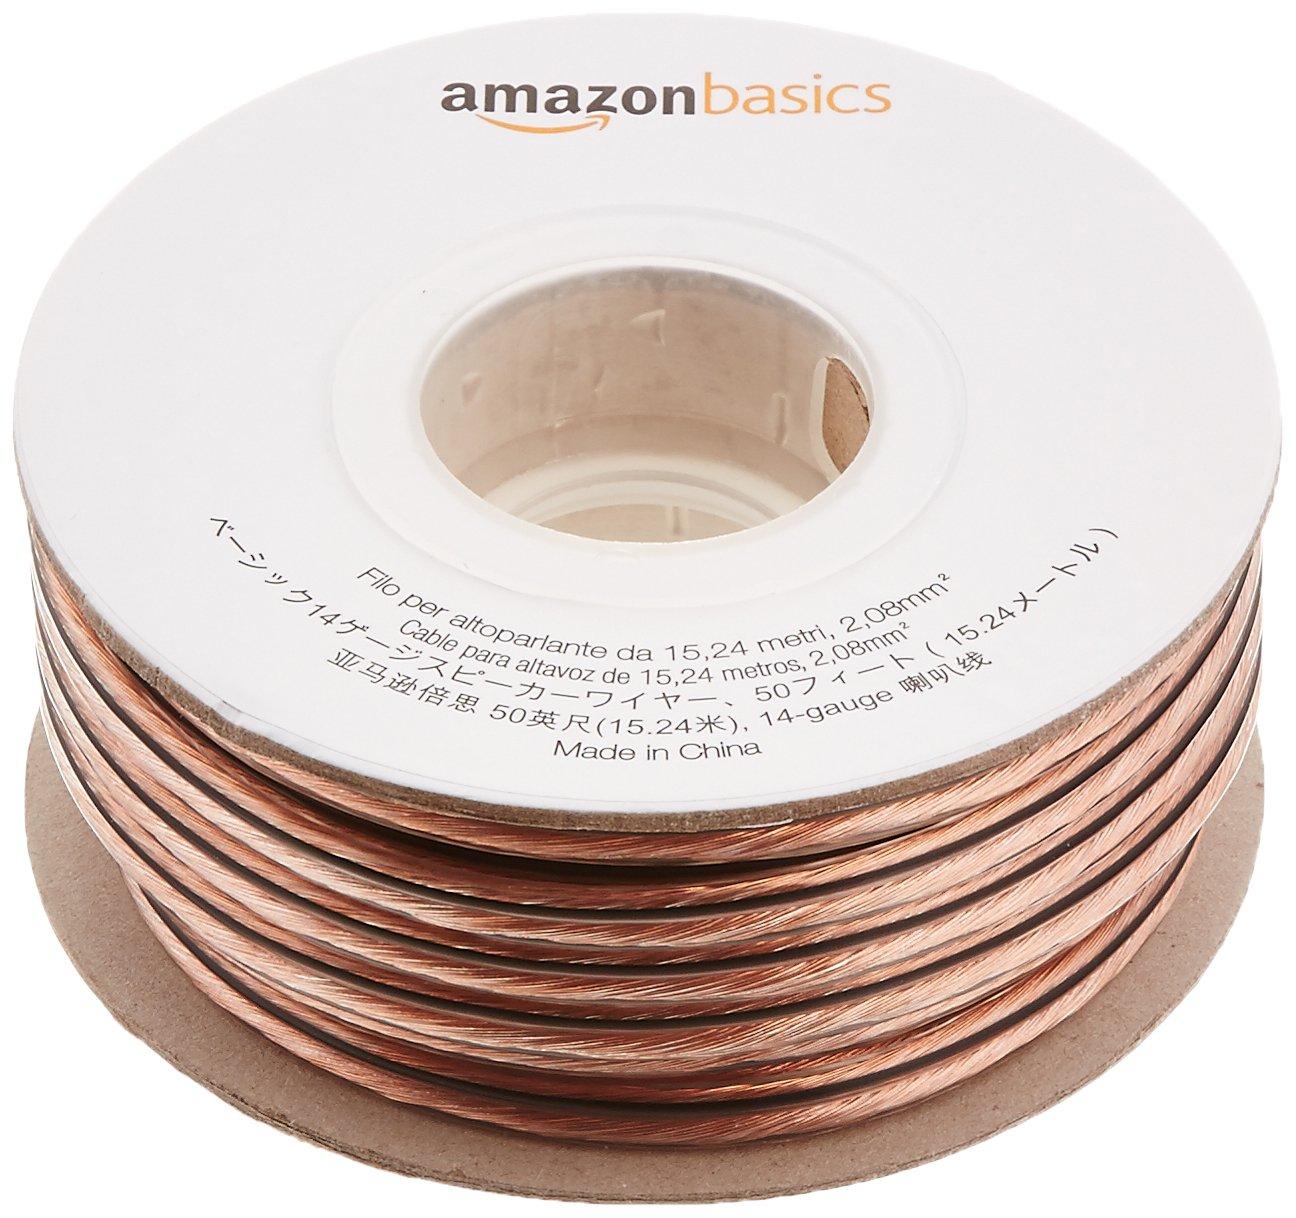 AmazonBasics-Lautsprecherkabel-208-mm-14-Gauge